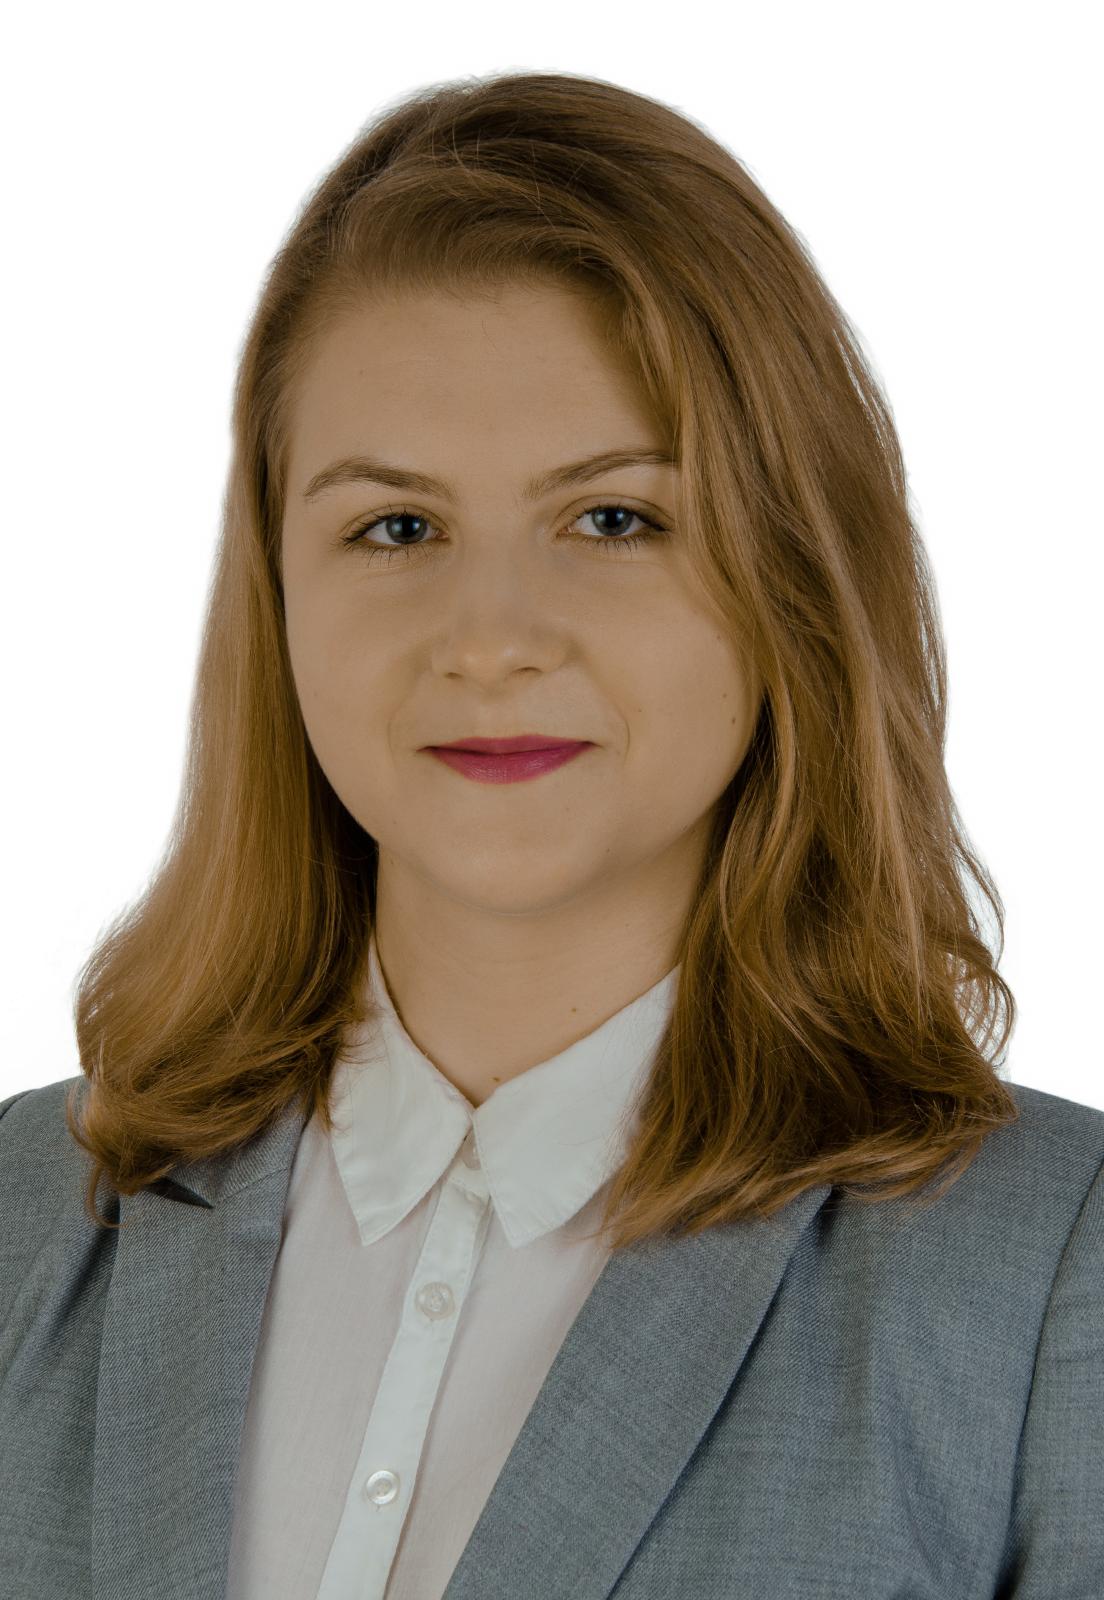 inż. Martyna Maksimowicz